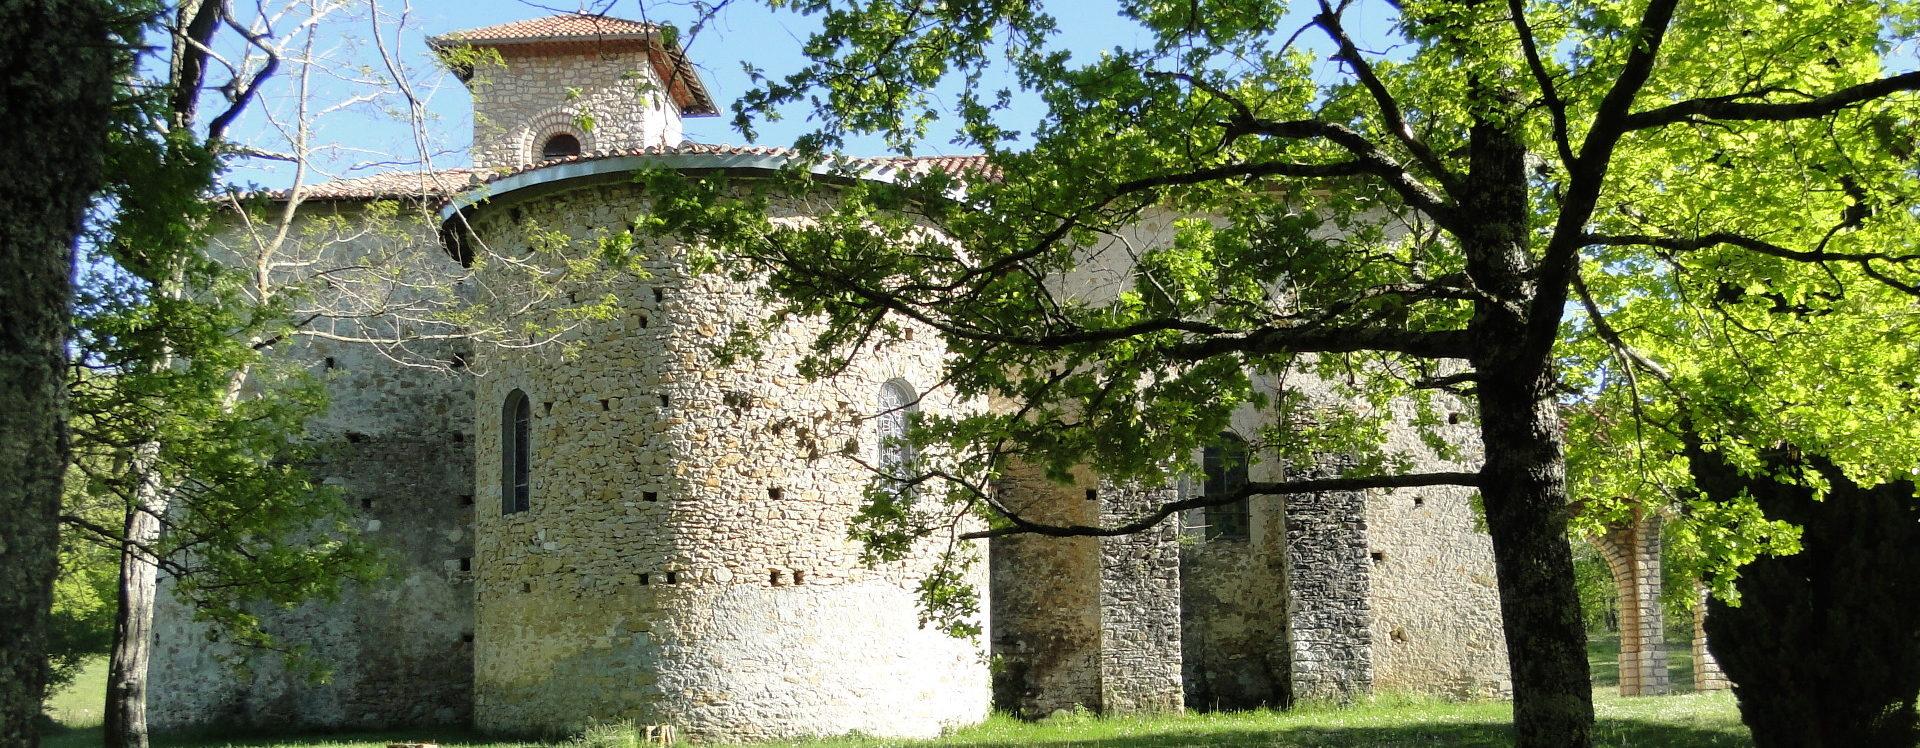 Image de la Chapelle Notre-Dame de Saint-Bernard dédiée à la Vierge